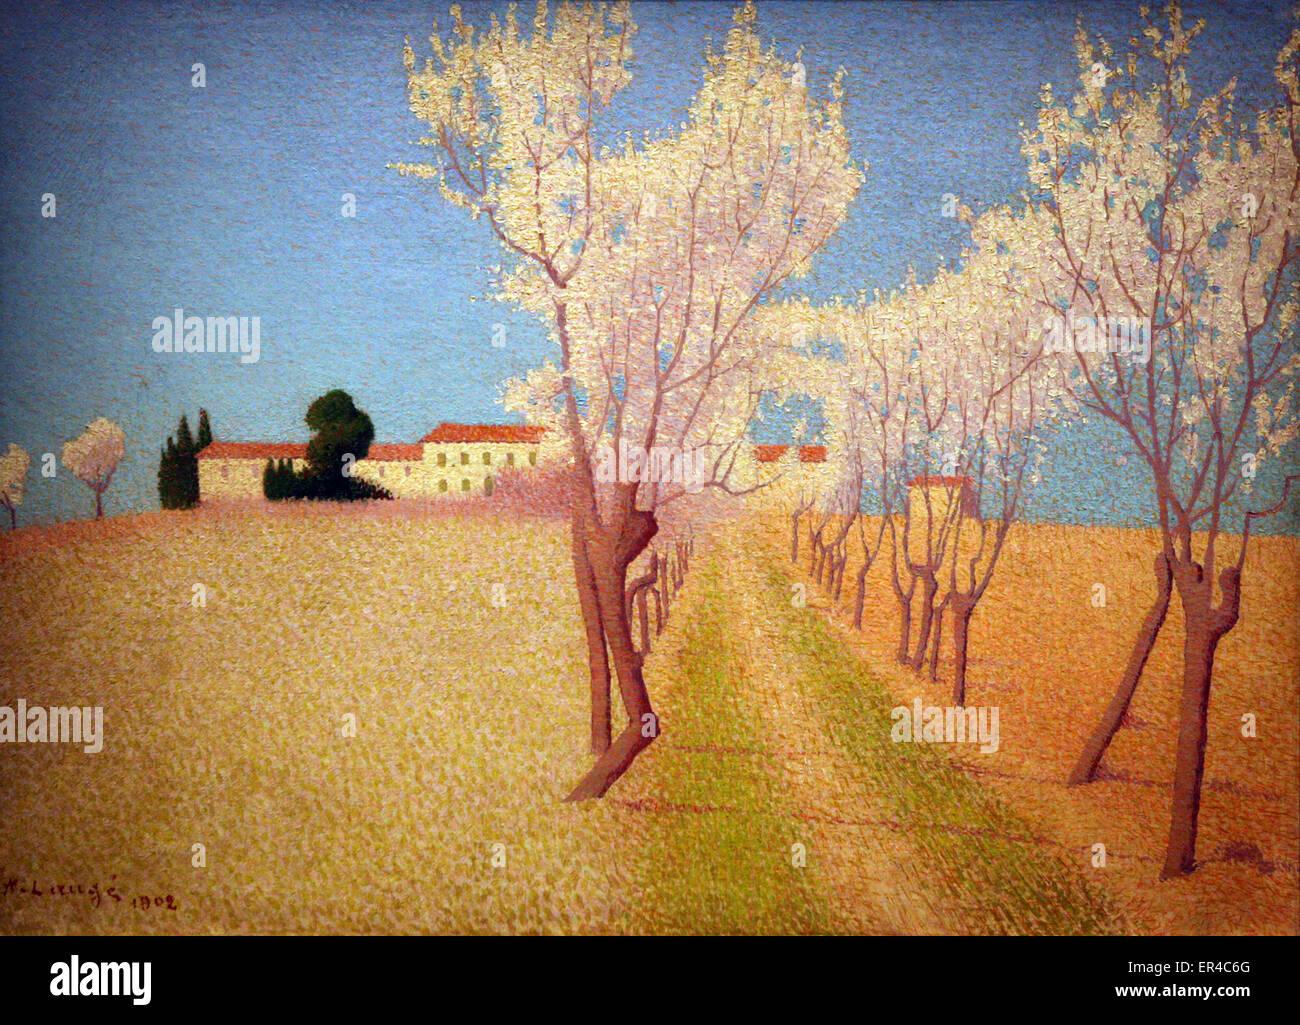 Achille Lauge - Paysage de la Gardie. pres de Cailhau 1902 Landscape of the Gardie . near Cailhau - Stock Image